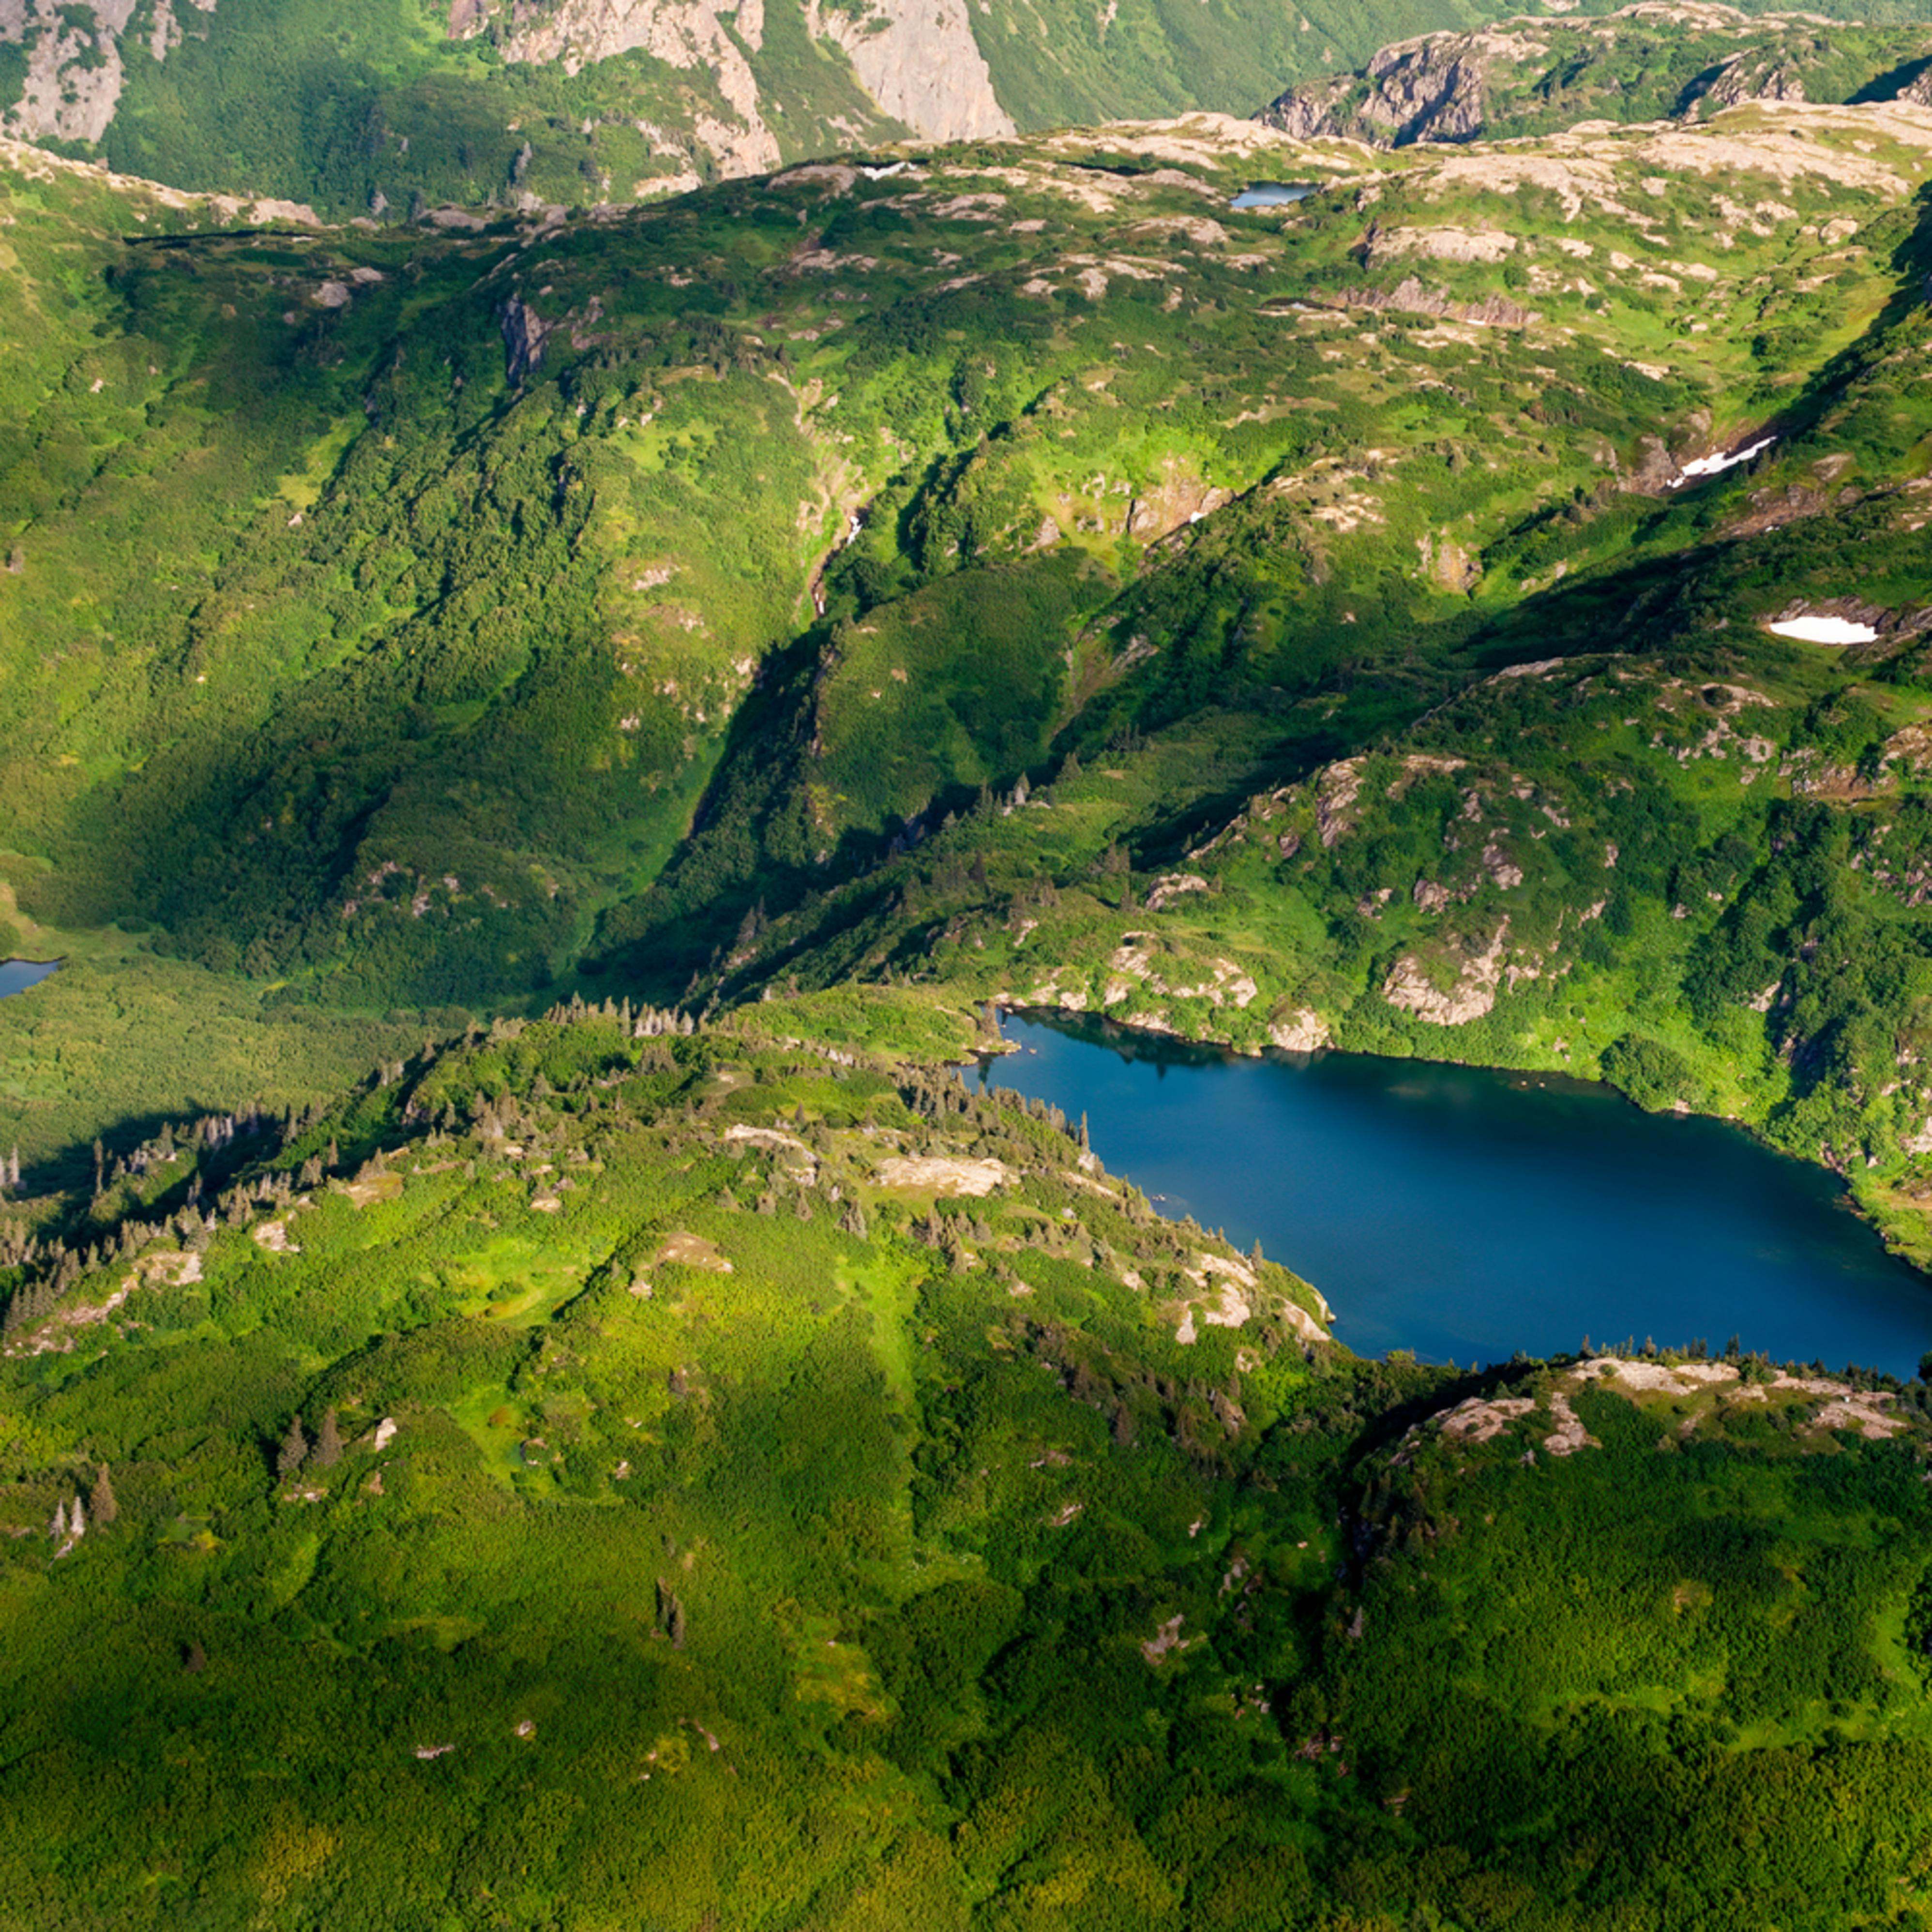 Dsc 0841 editglacial exit lakes alaska aerial zlmrr8